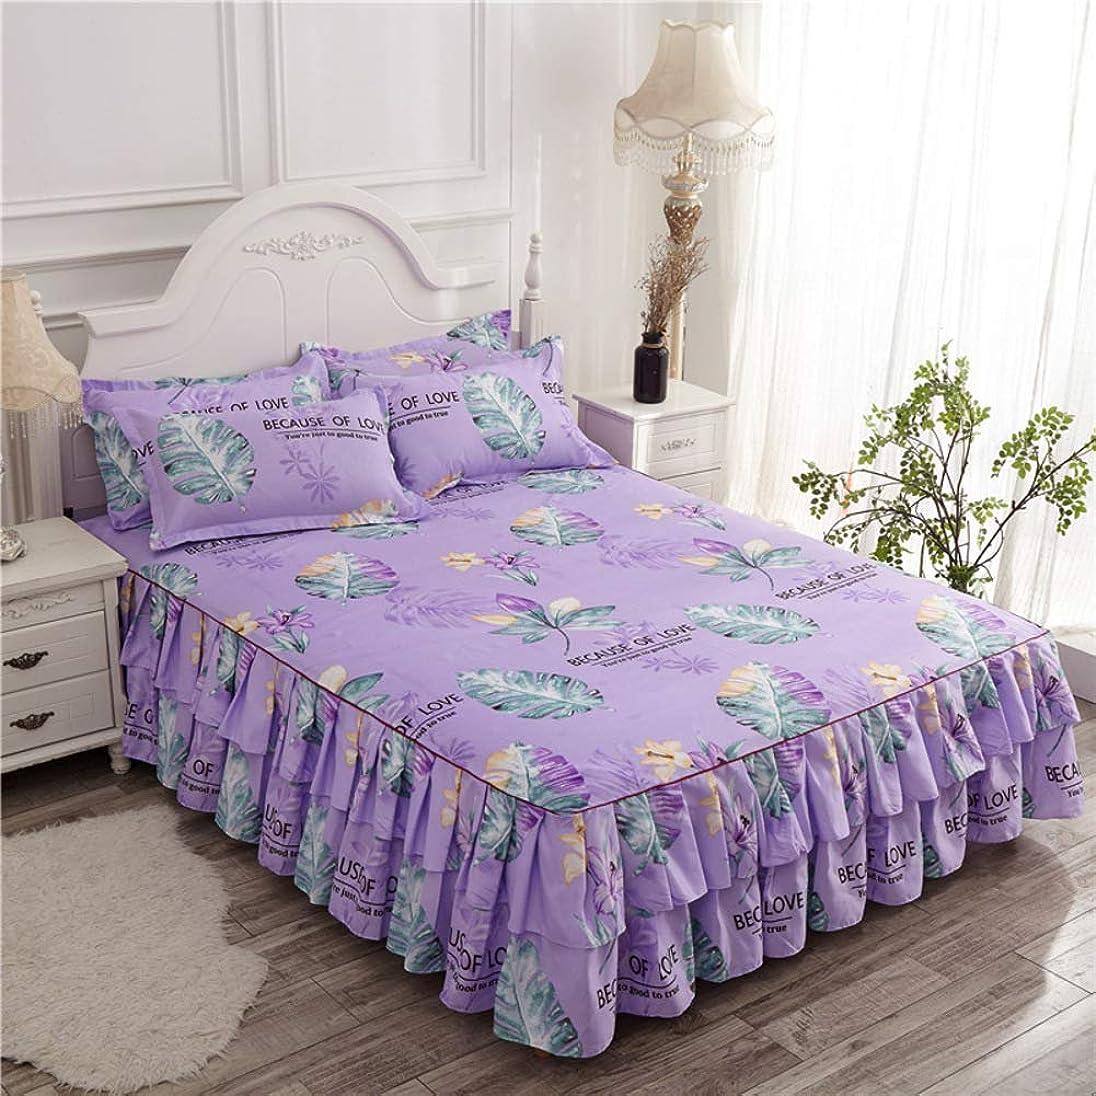 絶妙アーティスト無駄なレース 印刷 ベッドスカート,超-ソフト ベッド プリンセス ベッド伸ばせ プリーツ ほこり ラッフルドロップ ベッド シート ベッドカバー-w